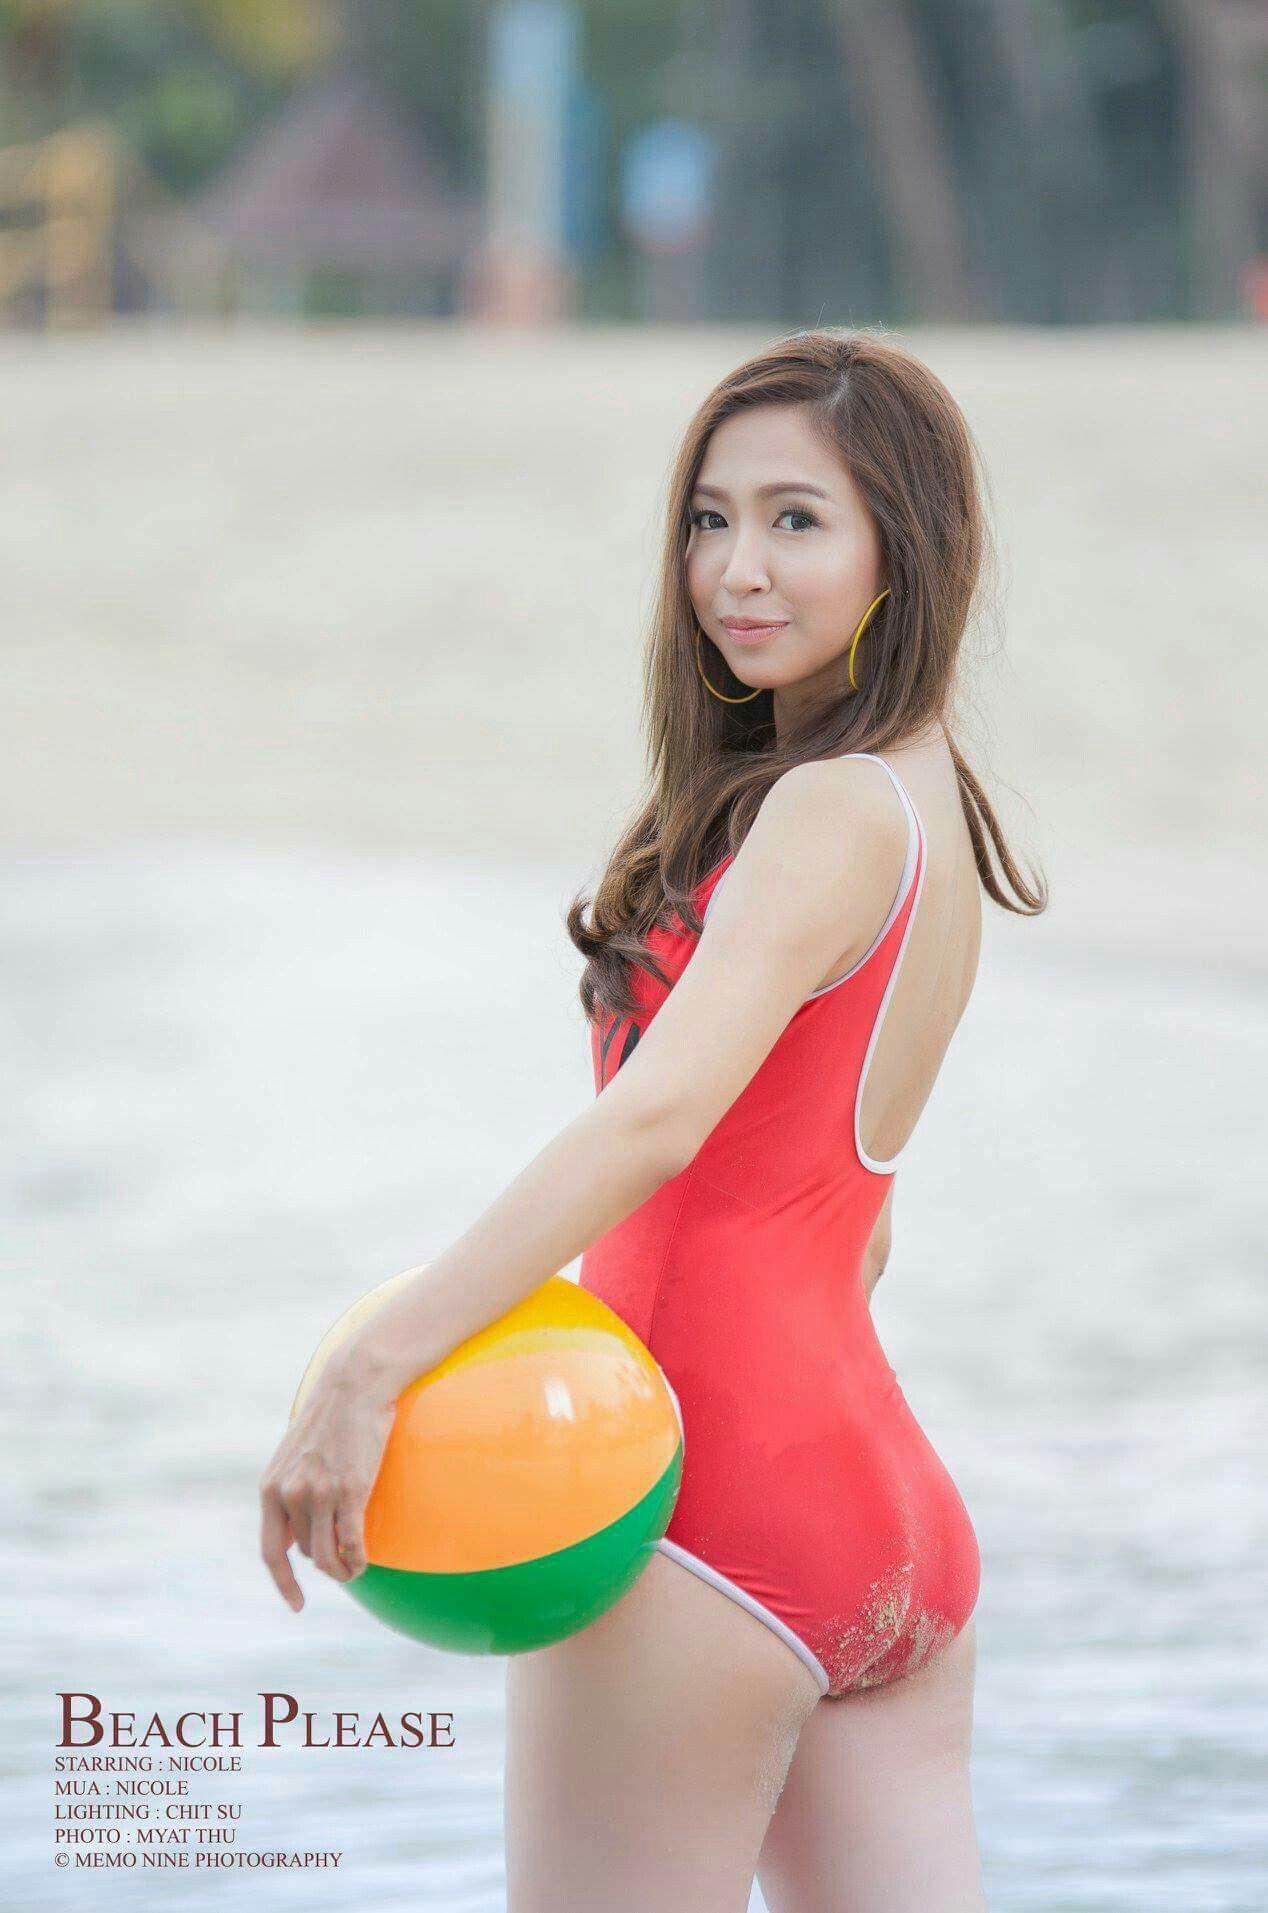 Myanmar model beach photos